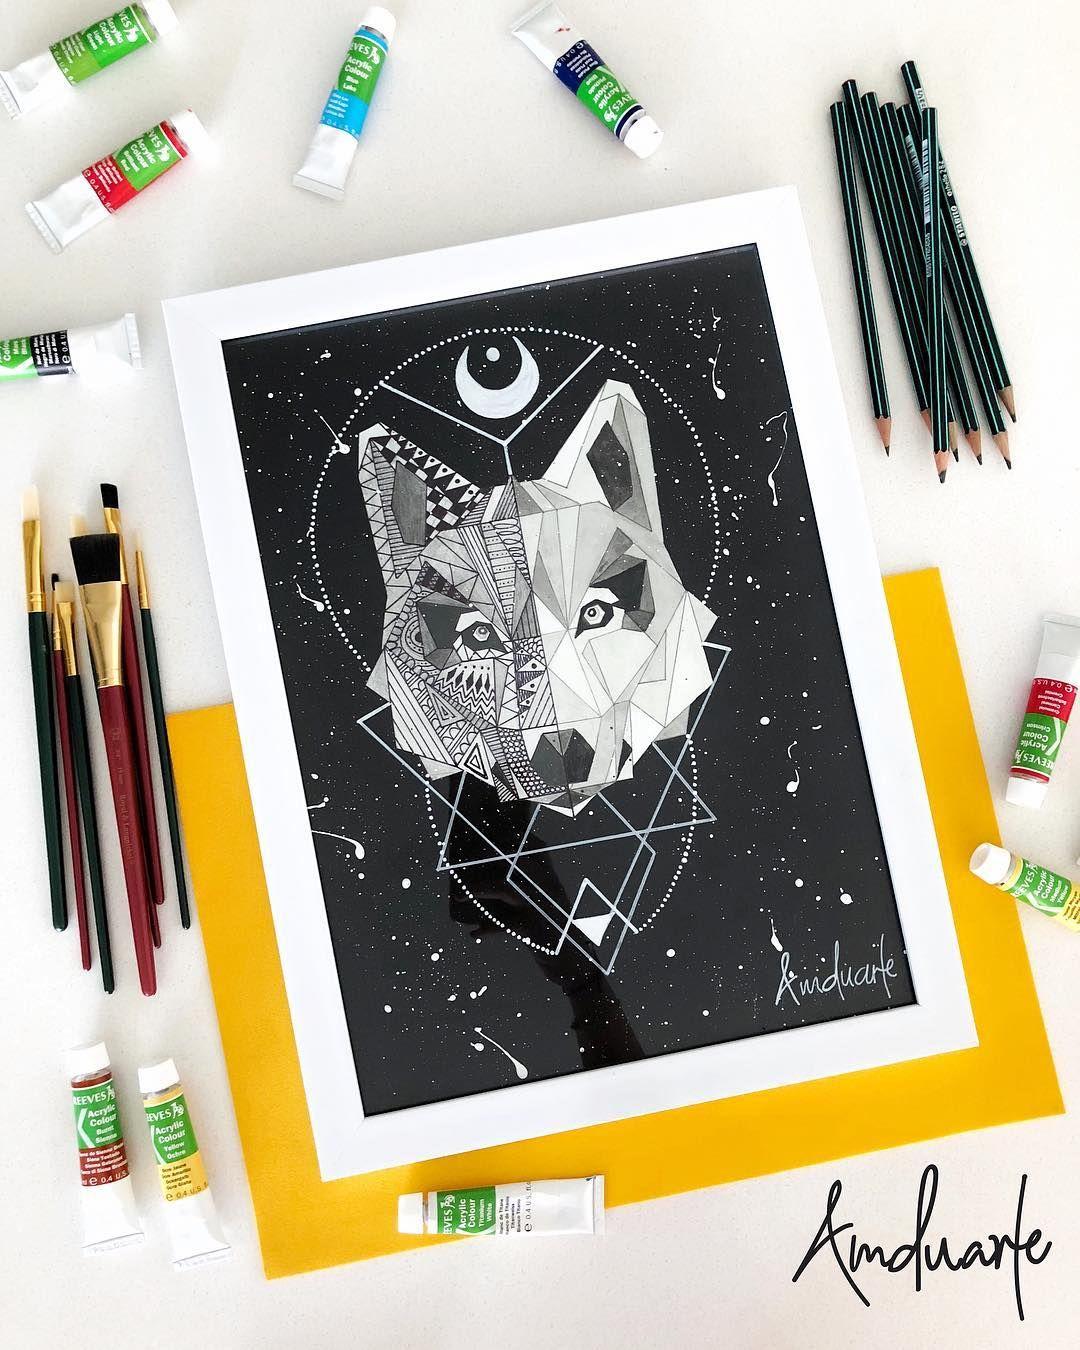 Lobo Dibujo Hecho A Lapiz Acuarela Y Marcadores Tamano 29x39 Cm By Amduarte Wolf Moon Art Lapices De Acuarela Dibujos Hechos A Lapiz Dibujos